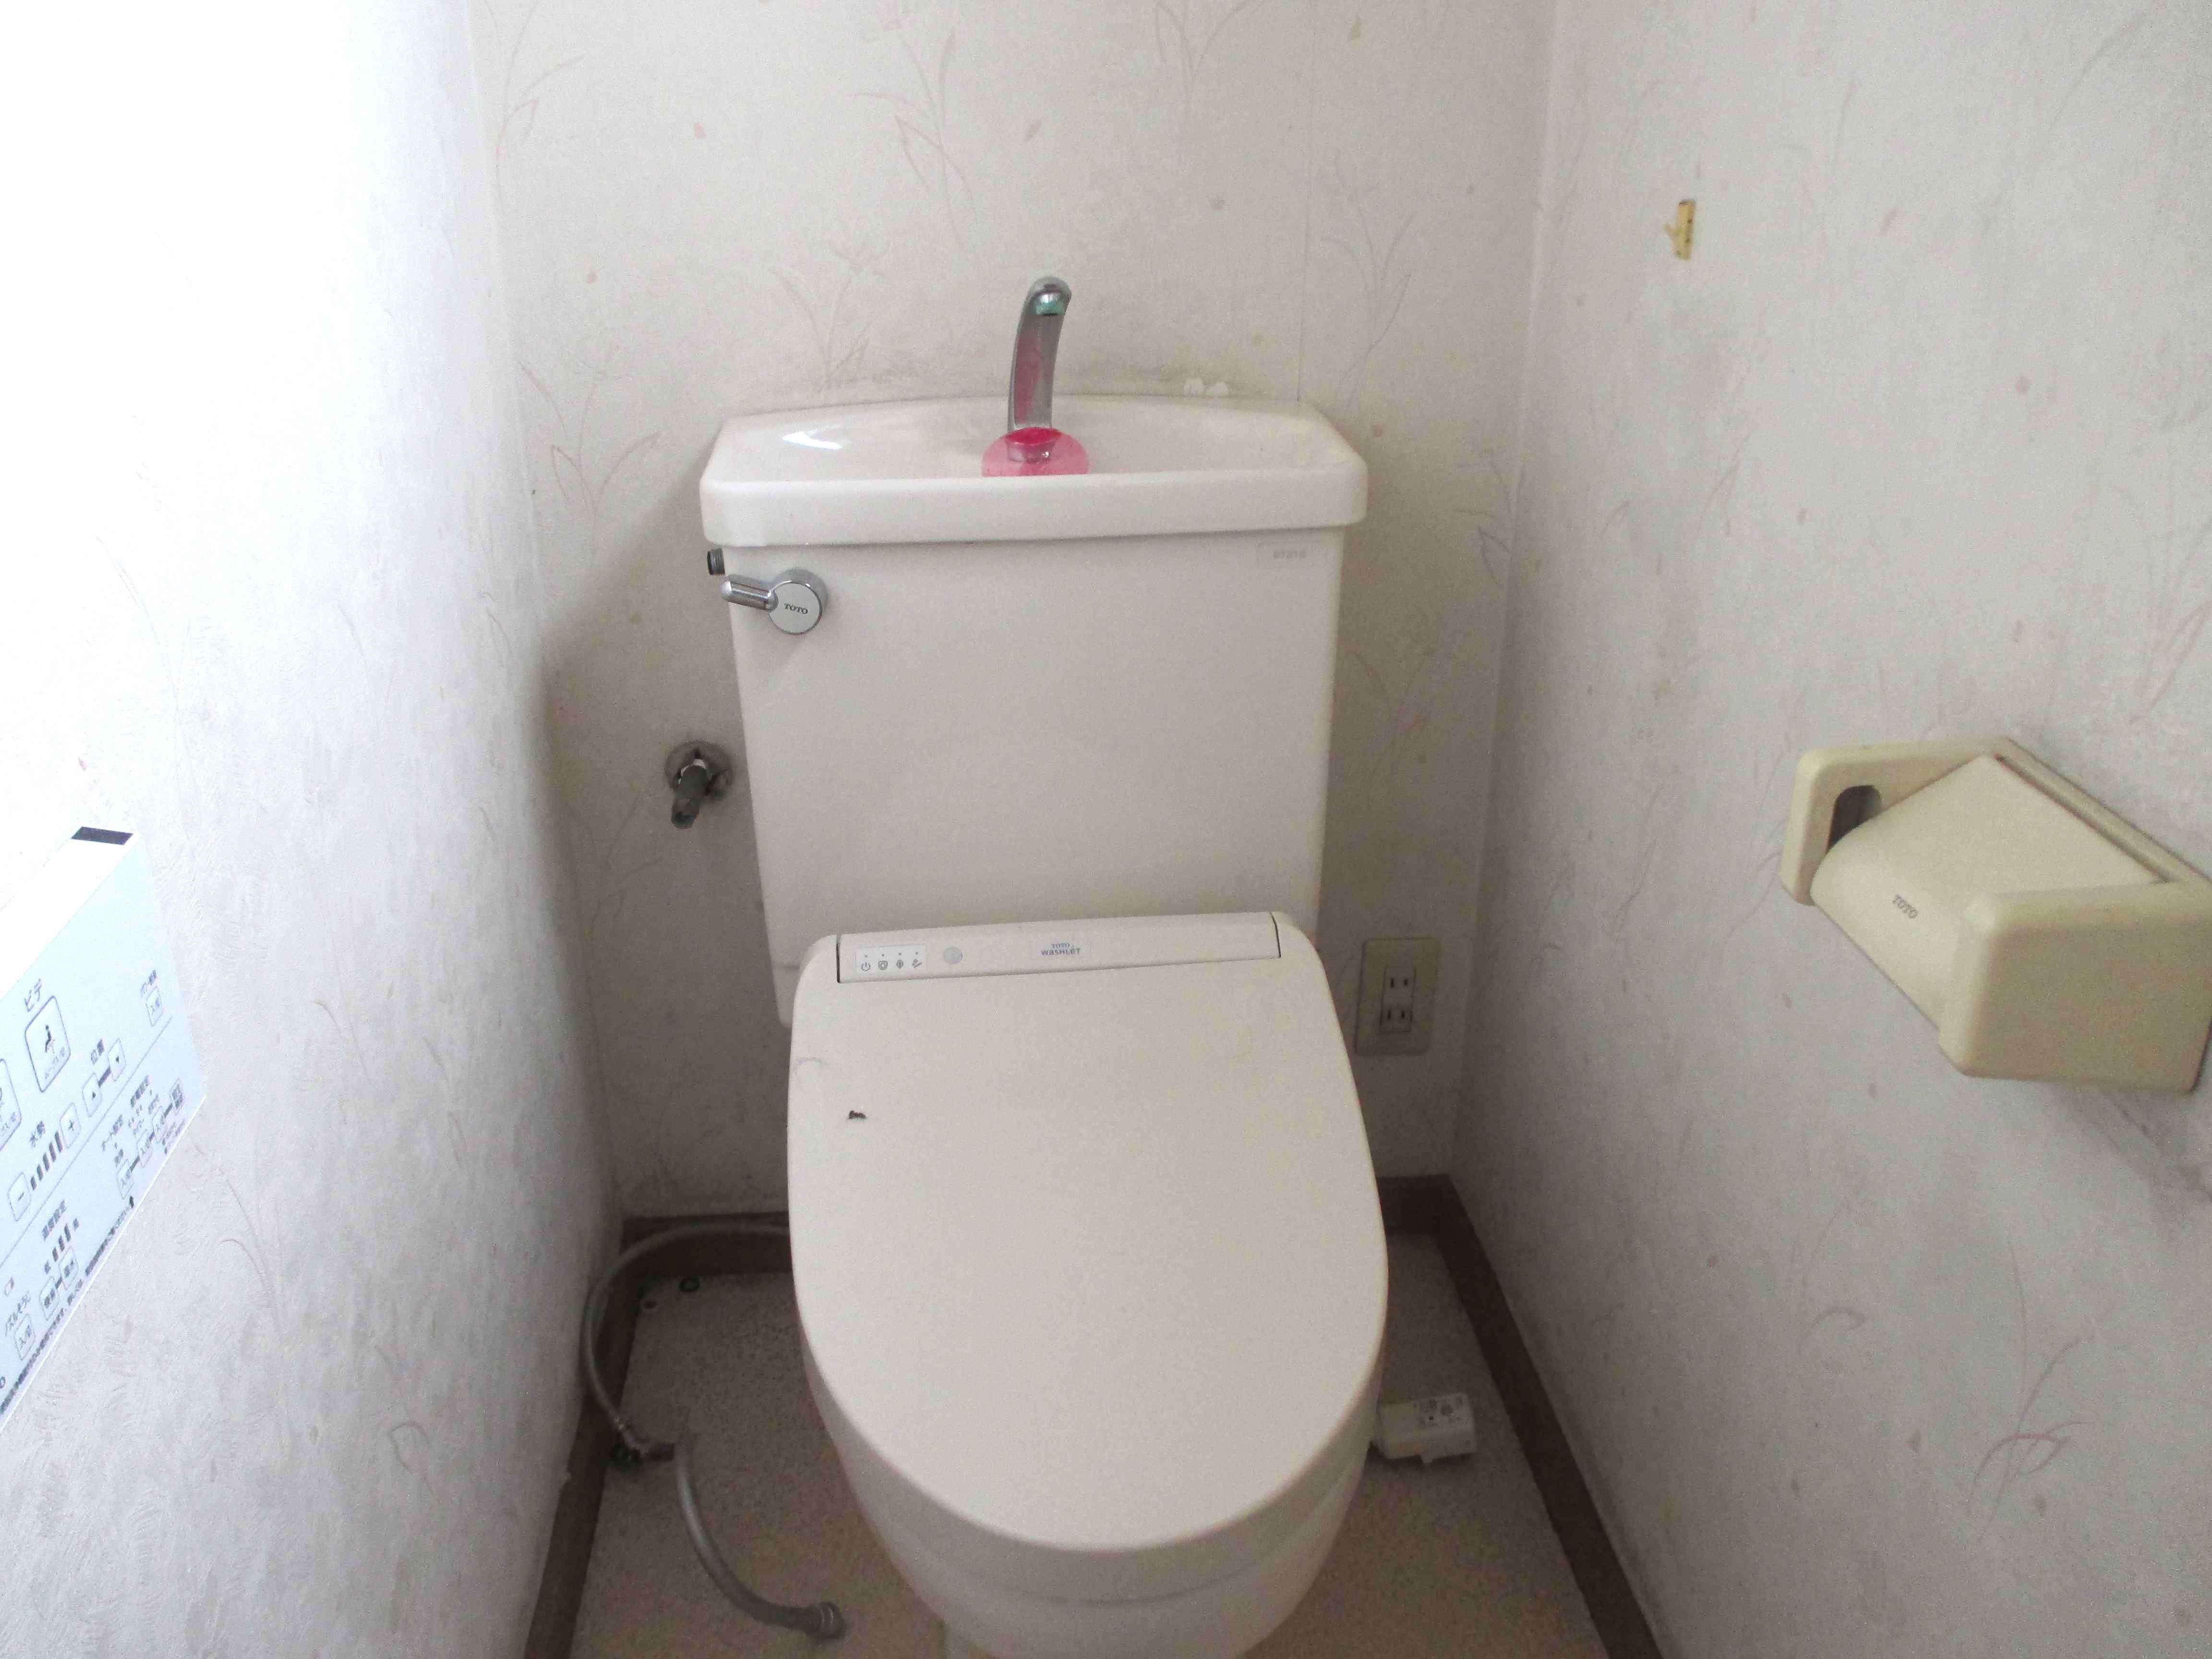 モリスの壁紙でトイレの『1DAY(ワンデイ)』リフォーム  ウィリアムモリス正規販売店のブライト_c0157866_17321019.jpg